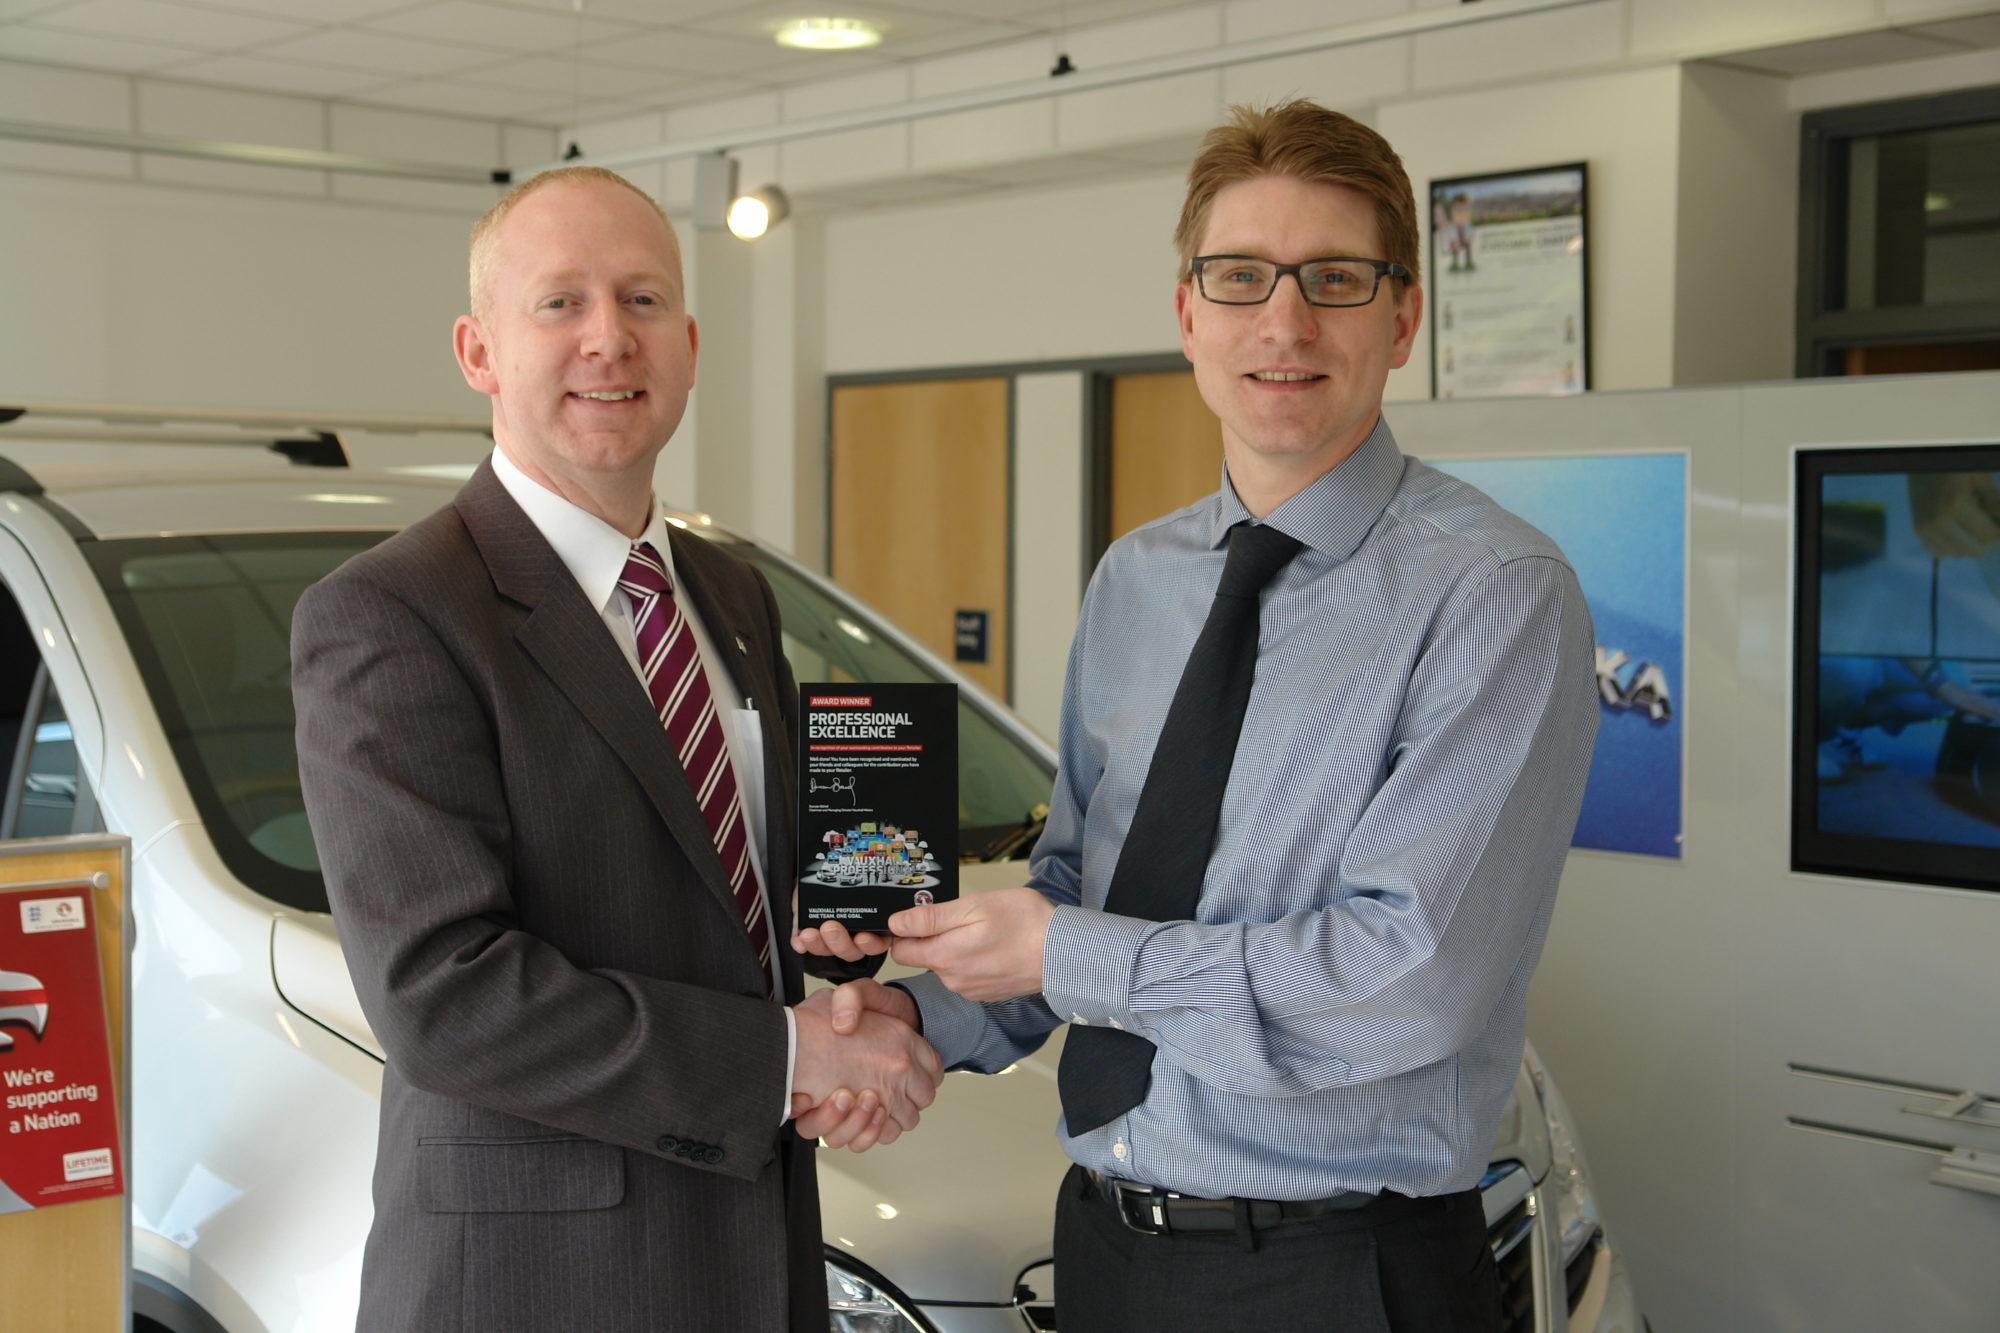 Dean Matthews receiving his Vauxhall award from Matthew Piper